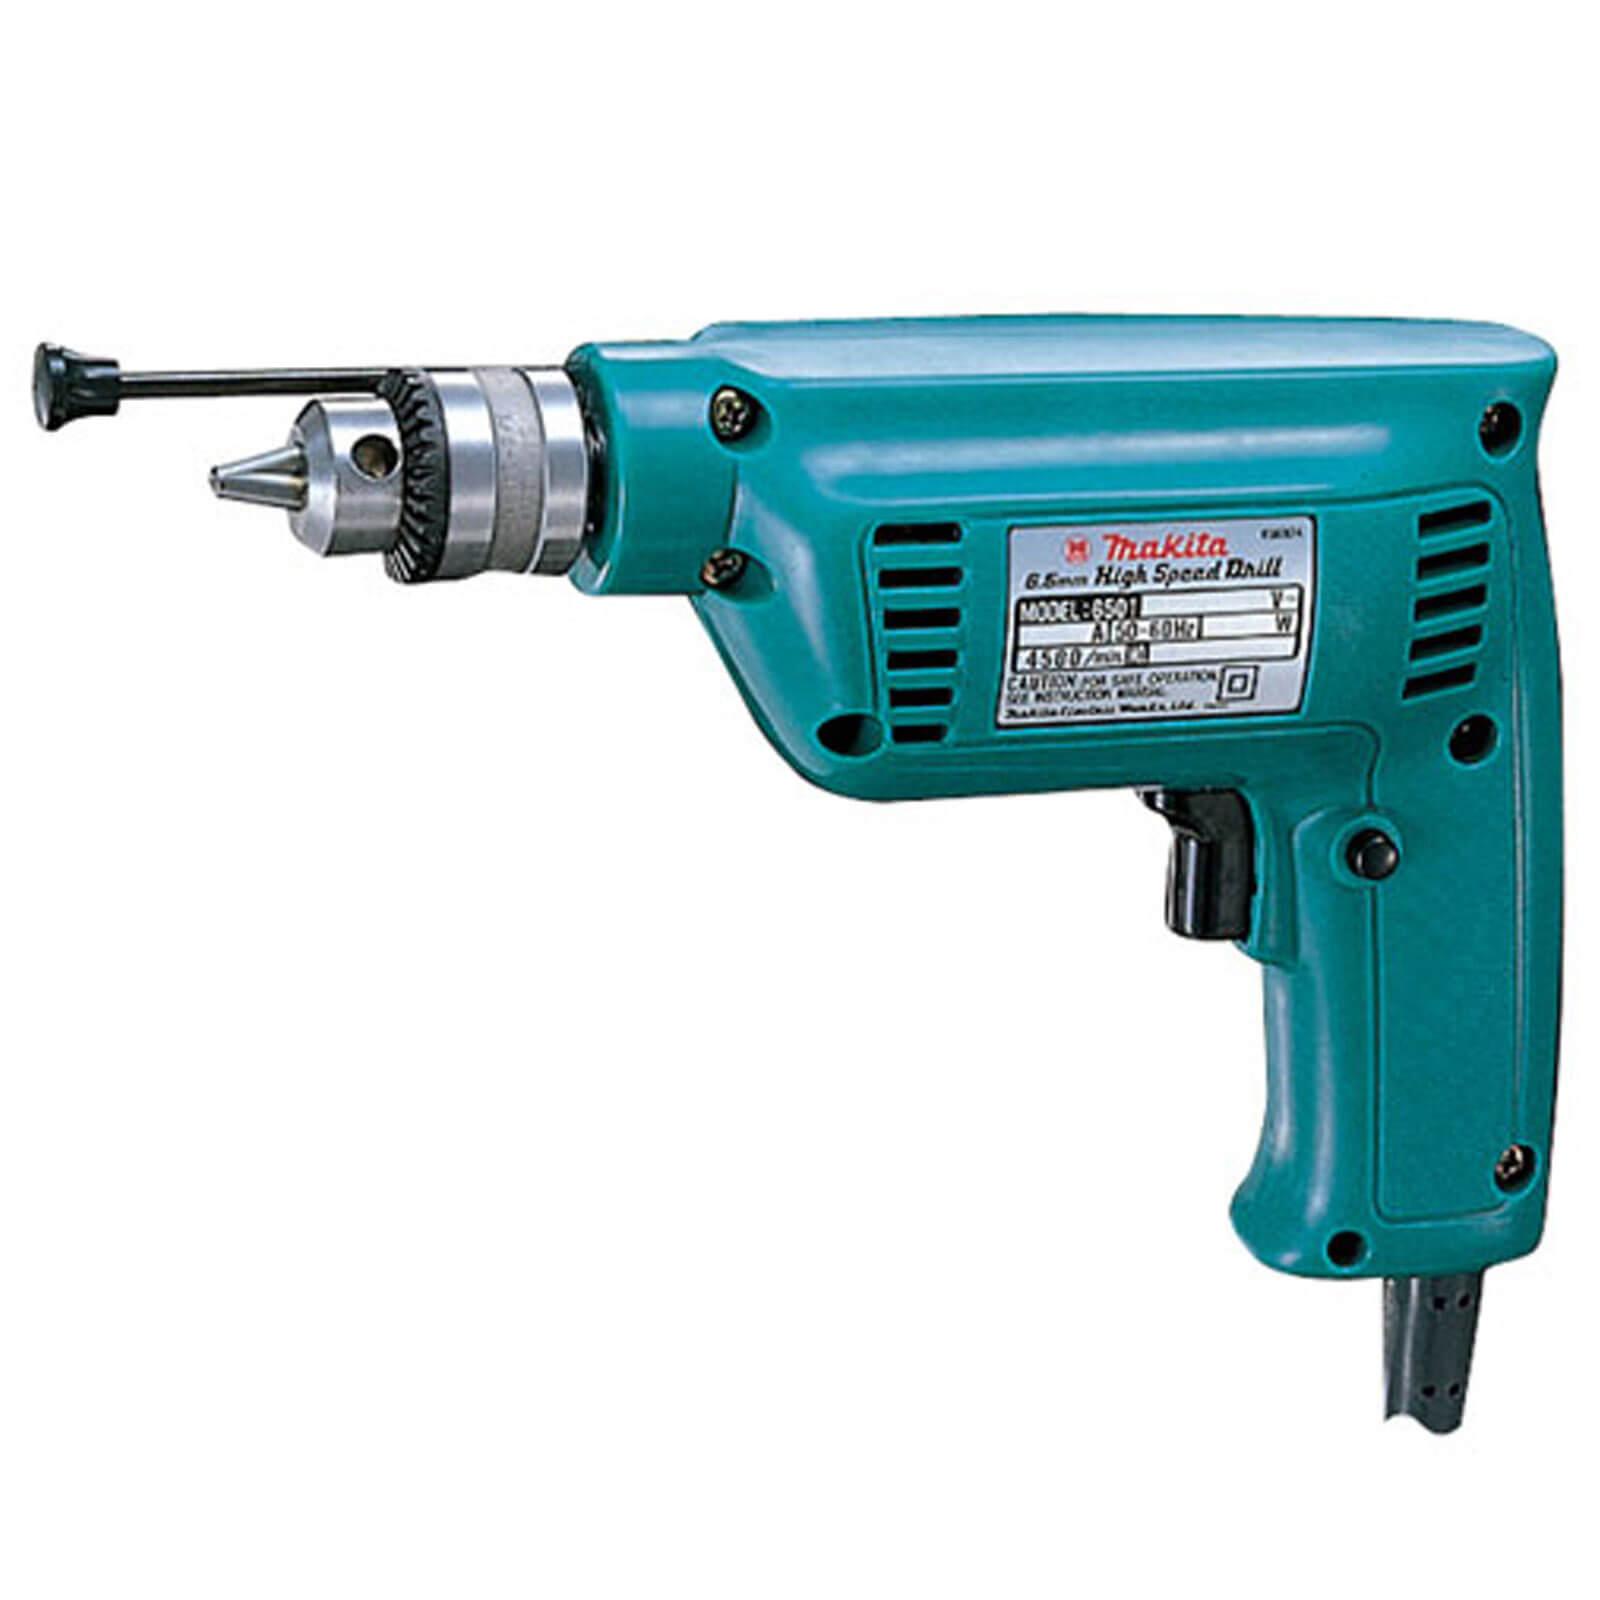 Makita 6501 110v 6.5mm Drill